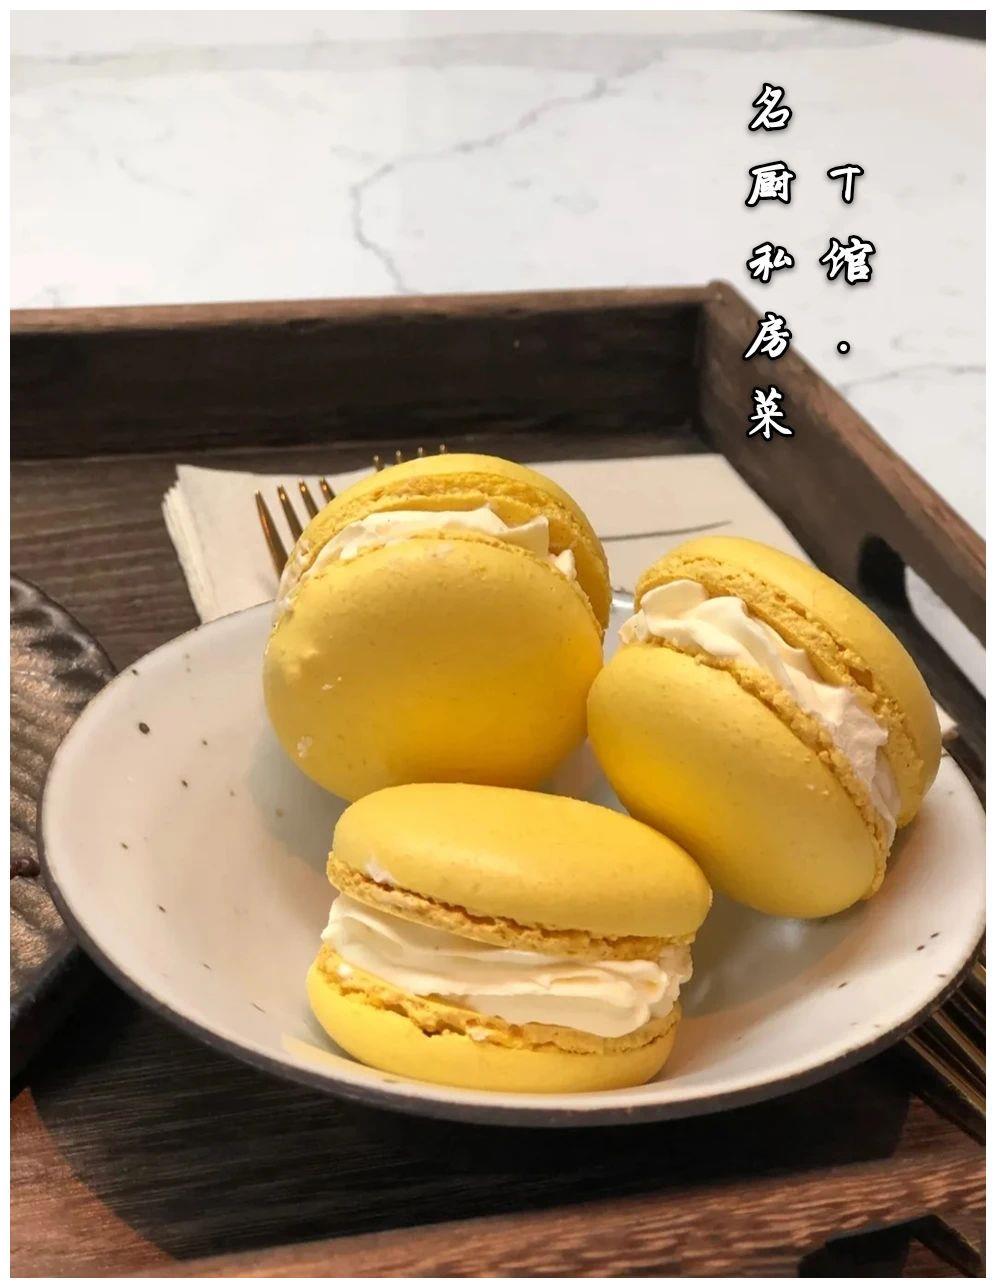 没想到在深圳还能享受到京都庭院下午茶,非一般格调,简约别致